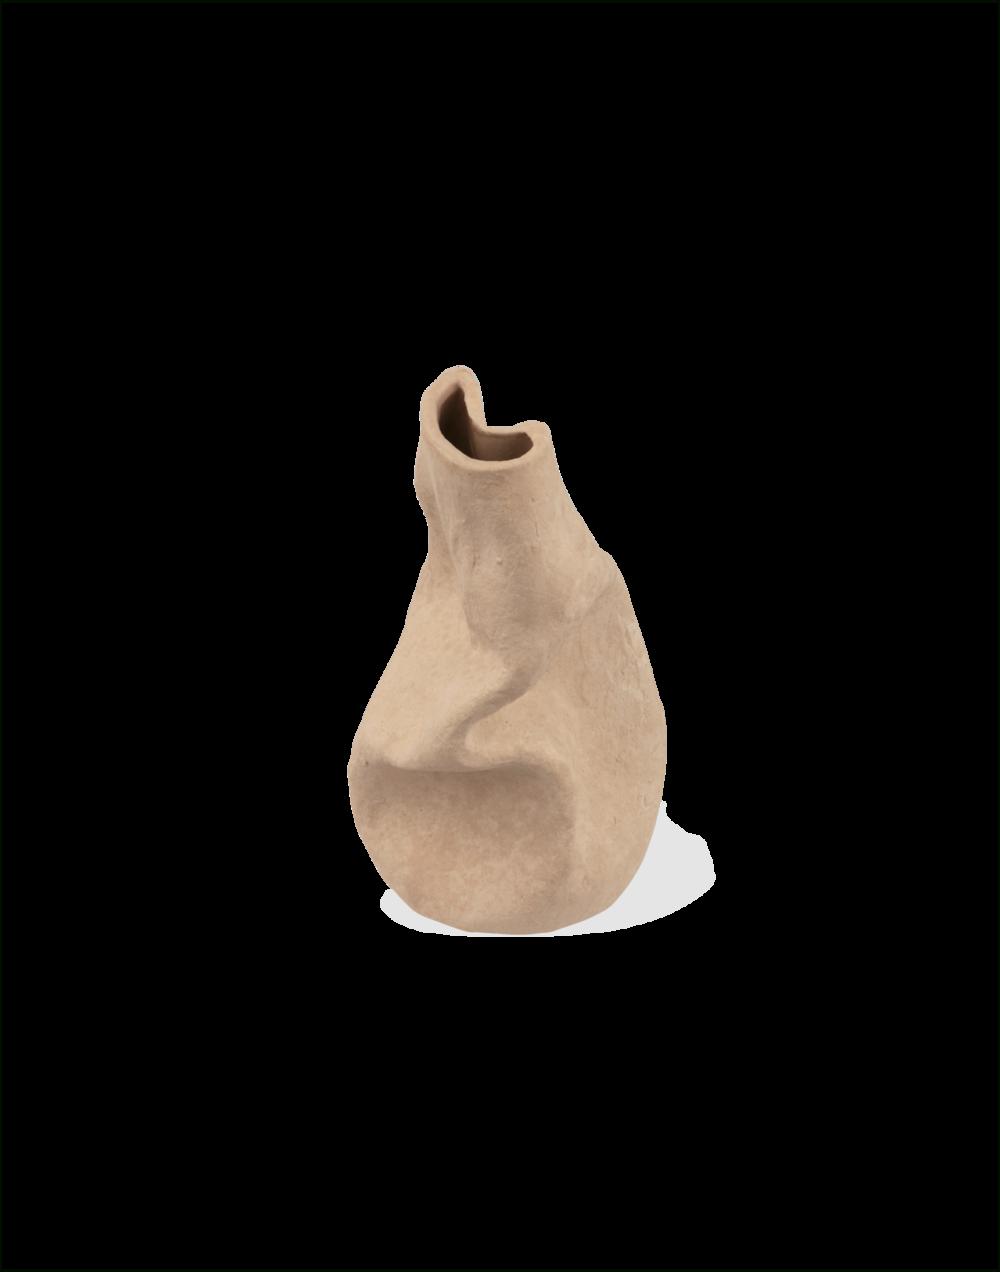 Completedworks-Ceramics-Object-6-3-1.png